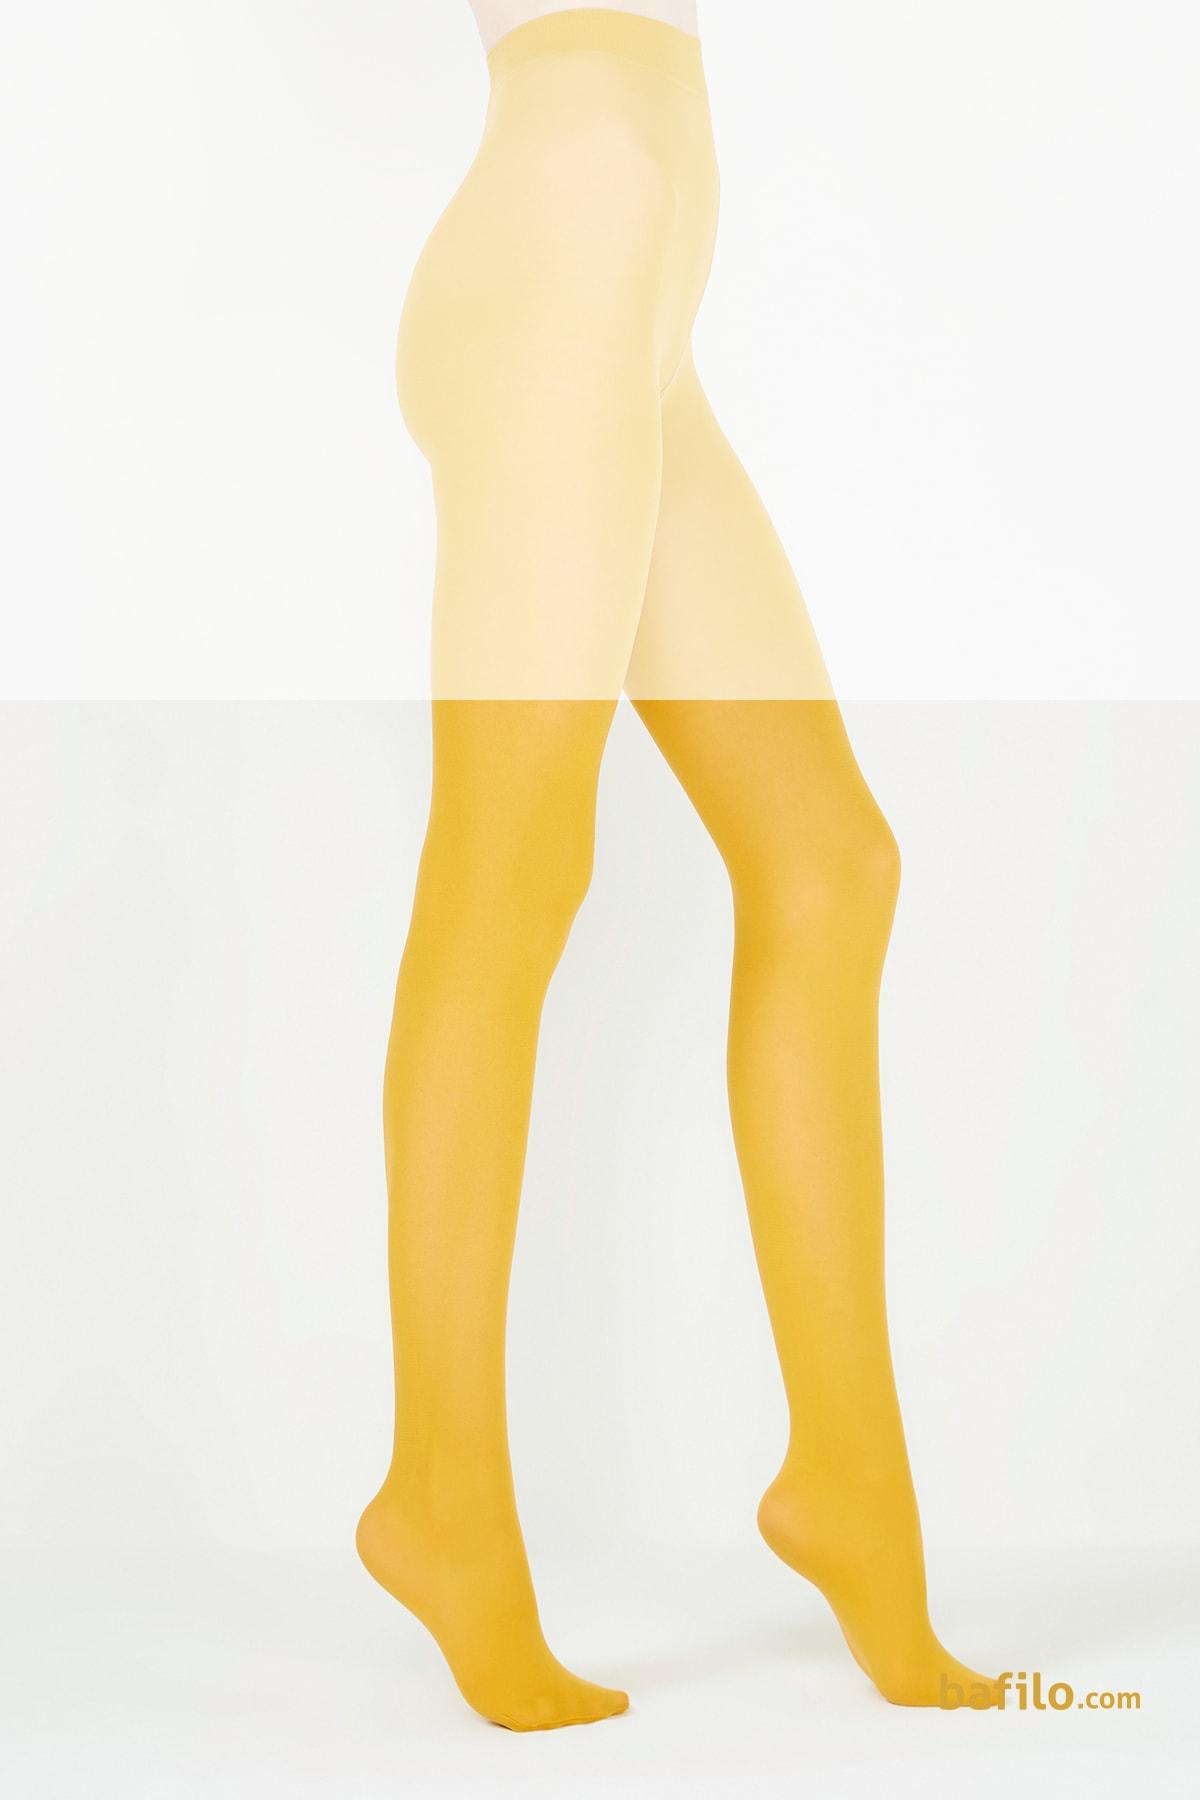 جوراب شلواری زنانه پنتی Mikro 40 خردلی - Thumbnail